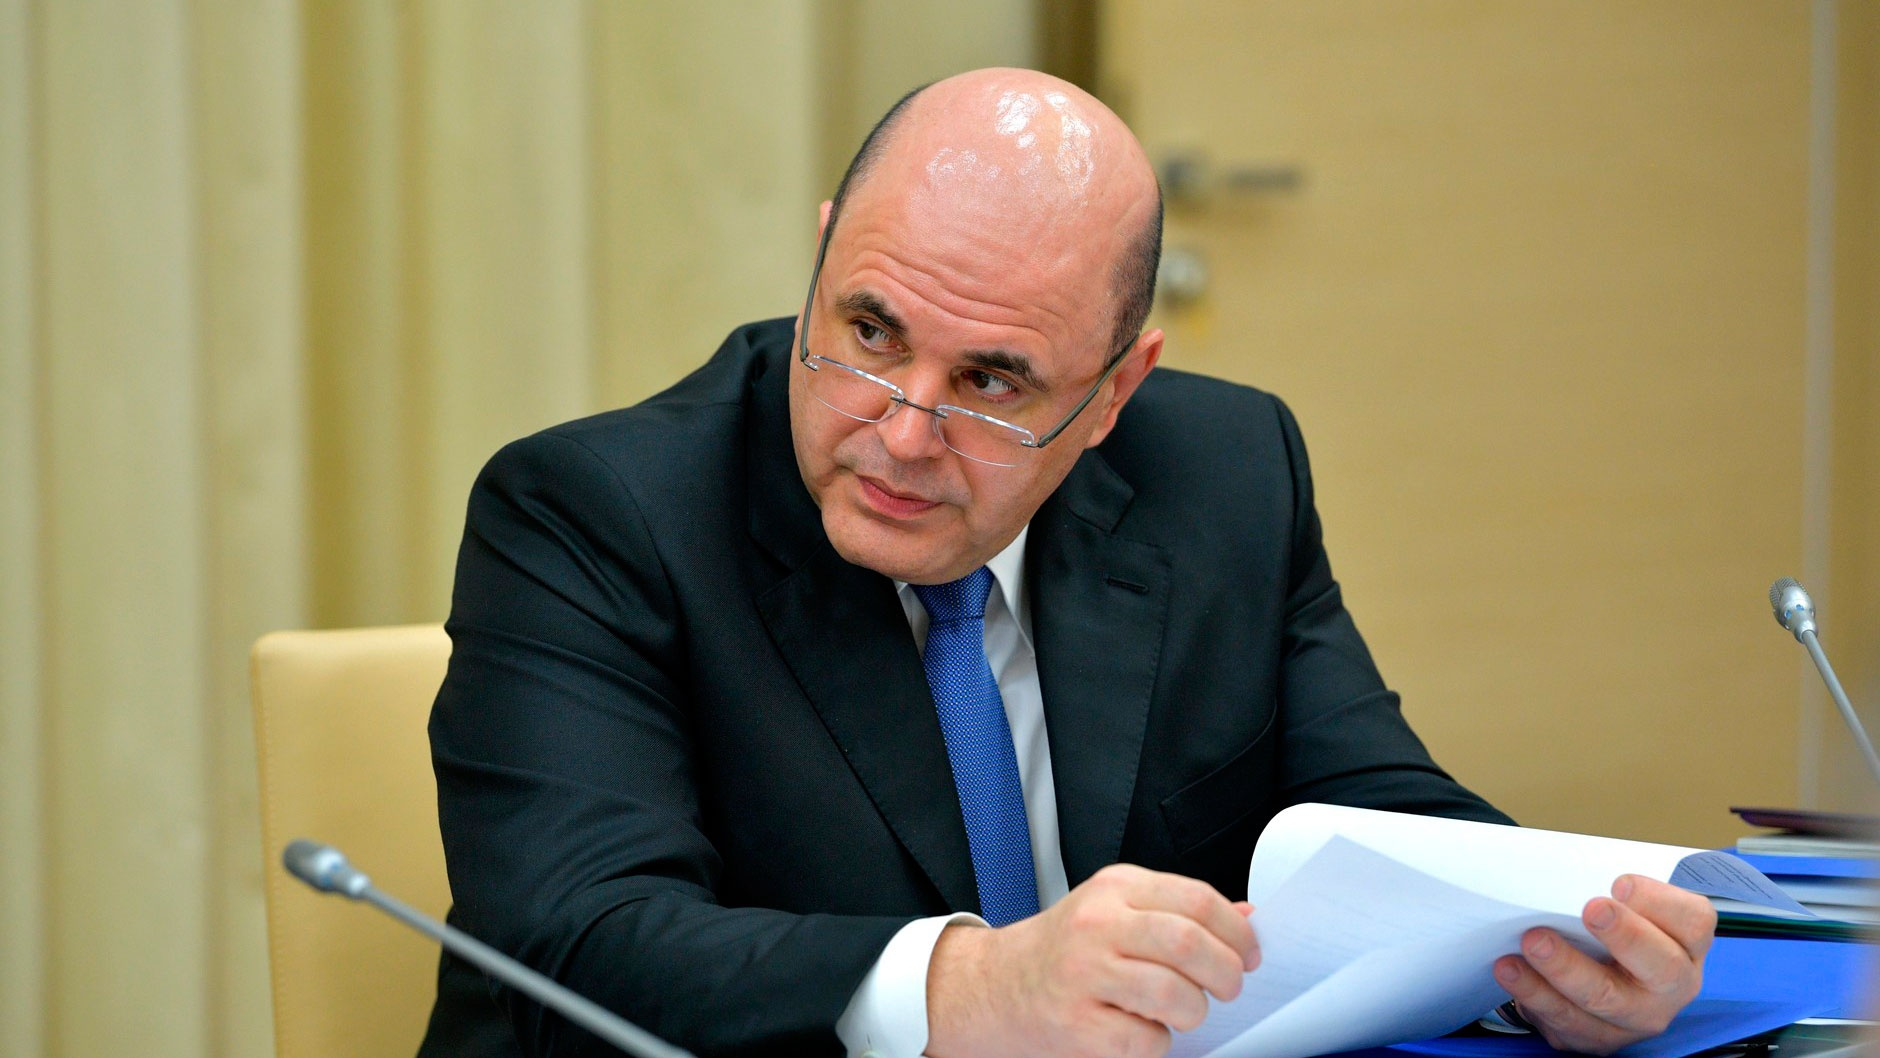 Мишустин объявил о введении моратория на штрафы для бизнеса до конца 2020 года